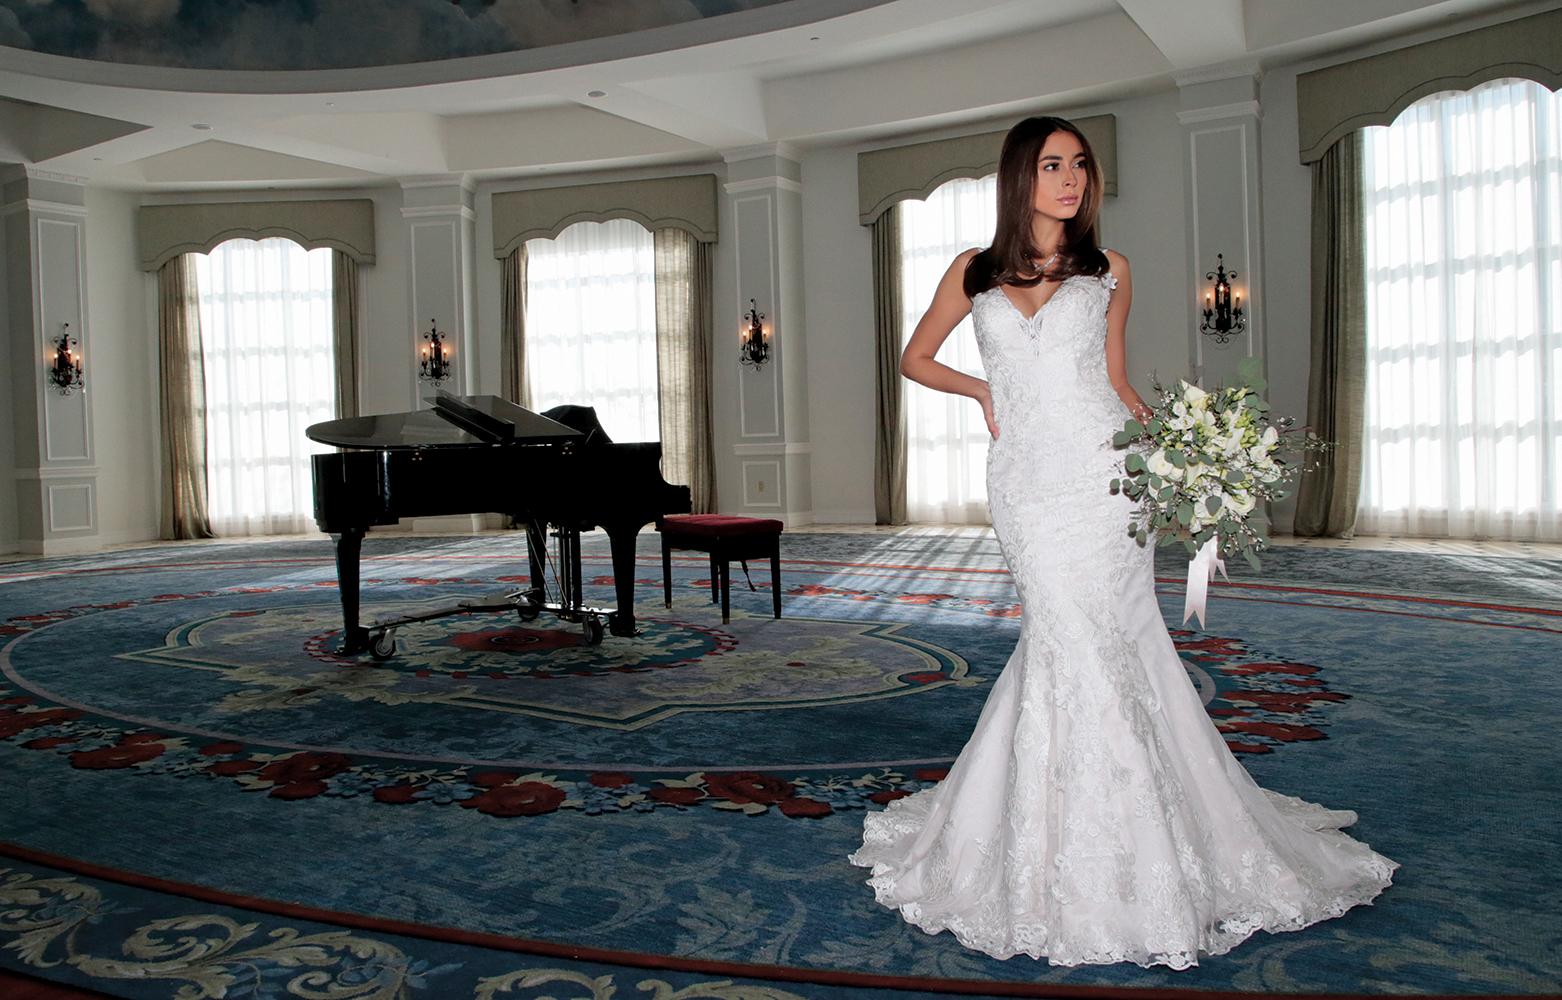 Gown: Bossina Couture (BC621, $1800). Bouquet: Douglas Koch Designs Ltd.